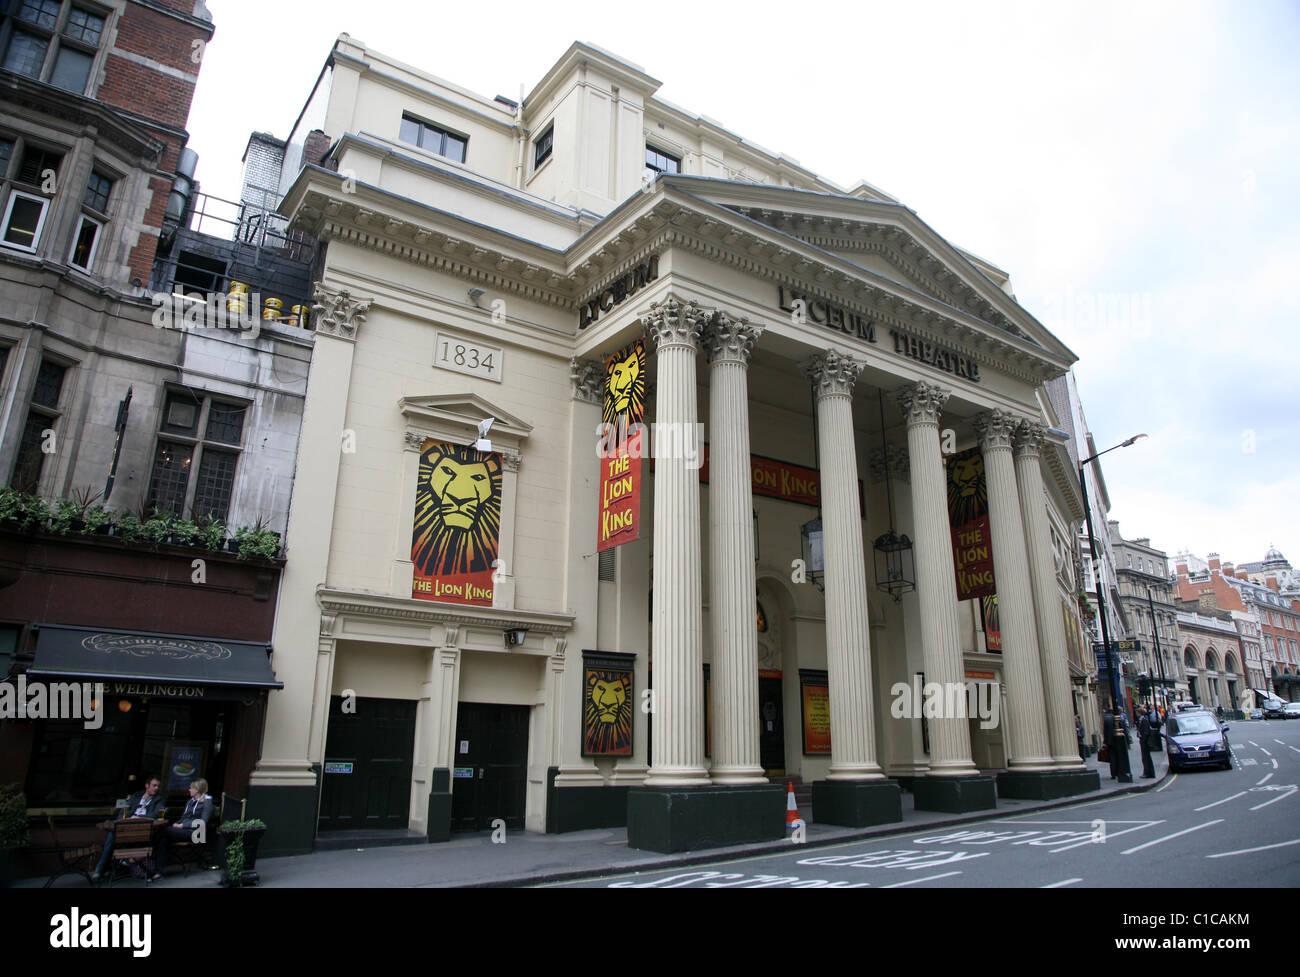 Allgemeine Ansicht Gv des Lyceum Theatre in London, England. Stockbild